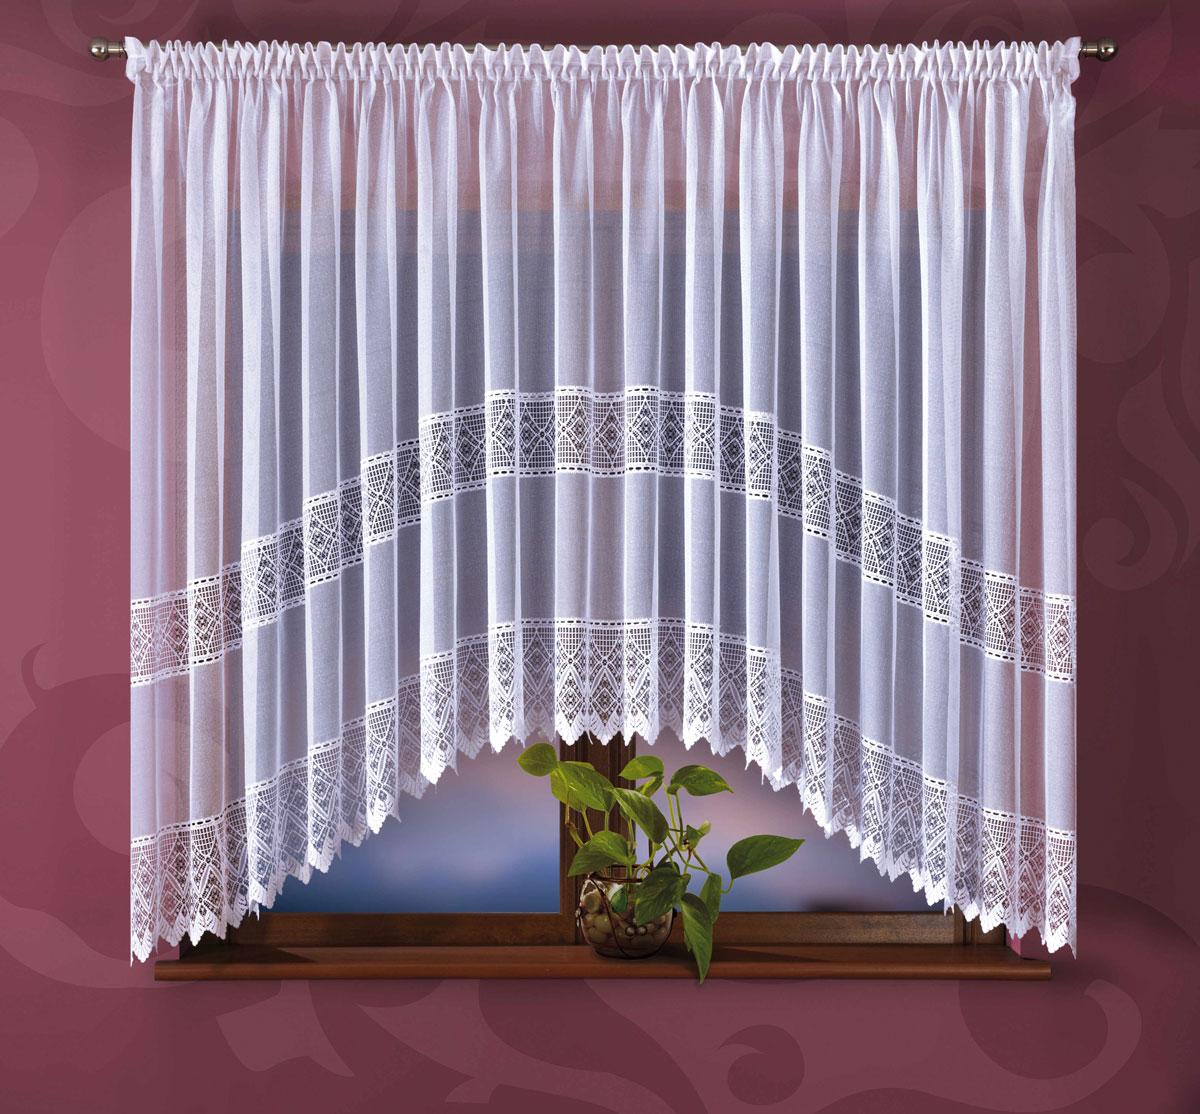 Гардина Wisan, на ленте, цвет: белый, высота 180 см. 355Е46860/160Гардина Wisan, выполненная из легкого полиэстера, станет великолепным украшением окна в спальне или гостиной. Качественный материал, тонкое плетение и оригинальный дизайн привлекут к себе внимание и позволят гардине органично вписаться в интерьер помещения.